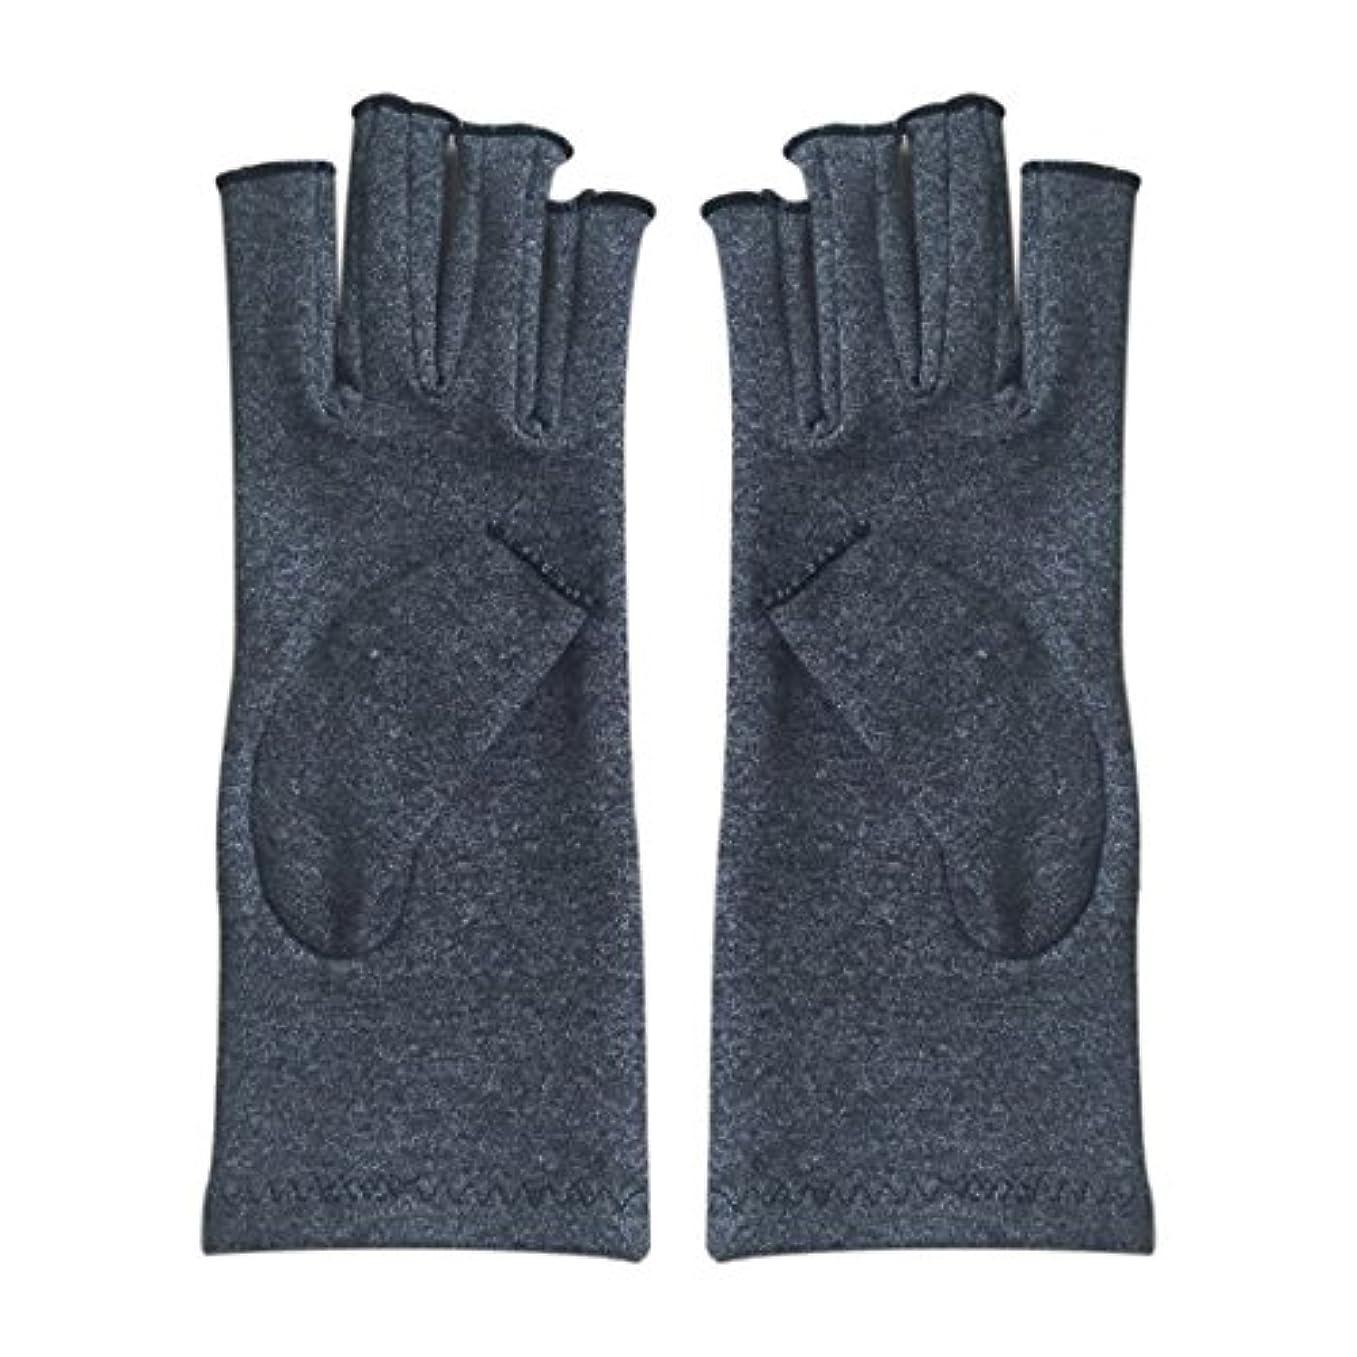 変装家具検証Gaoominy 1ペア成人男性女性用弾性コットンコンプレッション手袋手関節炎関節痛鎮痛軽減M - 灰色、M